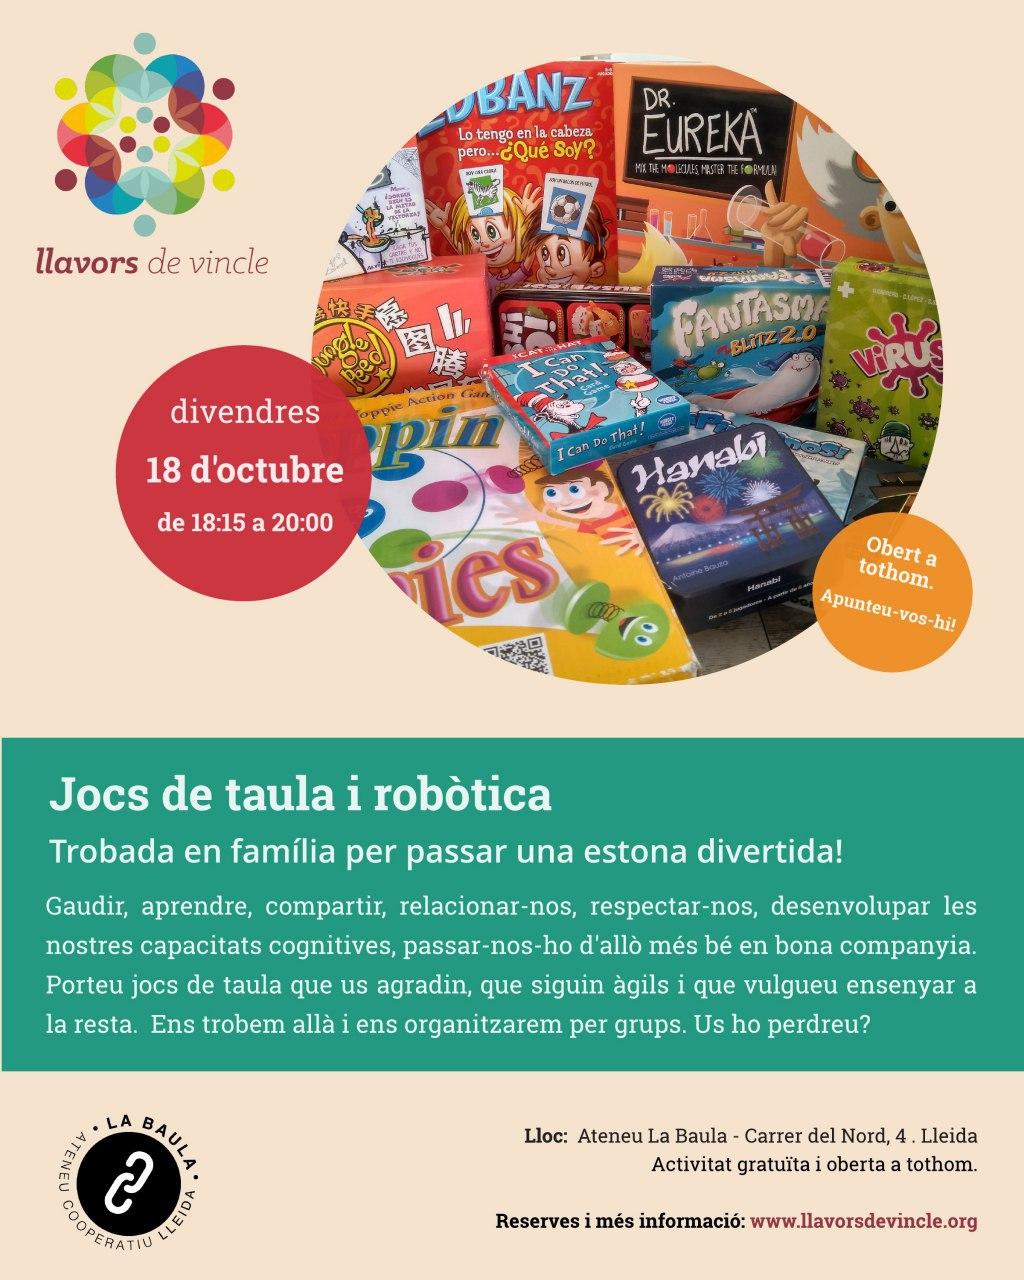 Cancel·lada: Jocs de taula i robòtica